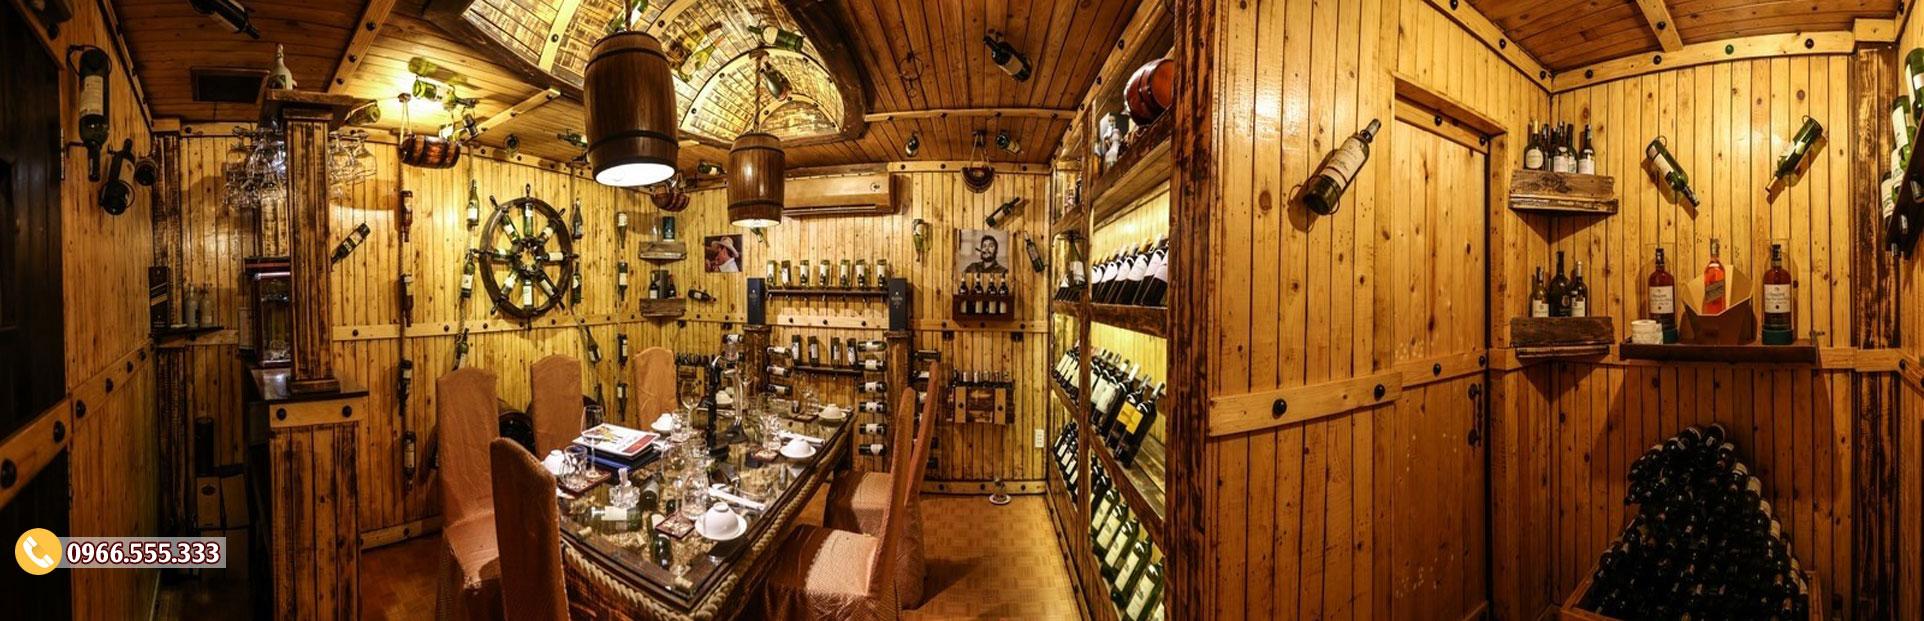 Mẫu thiết kế phòng Vip nhà hàng rượu vang BR78